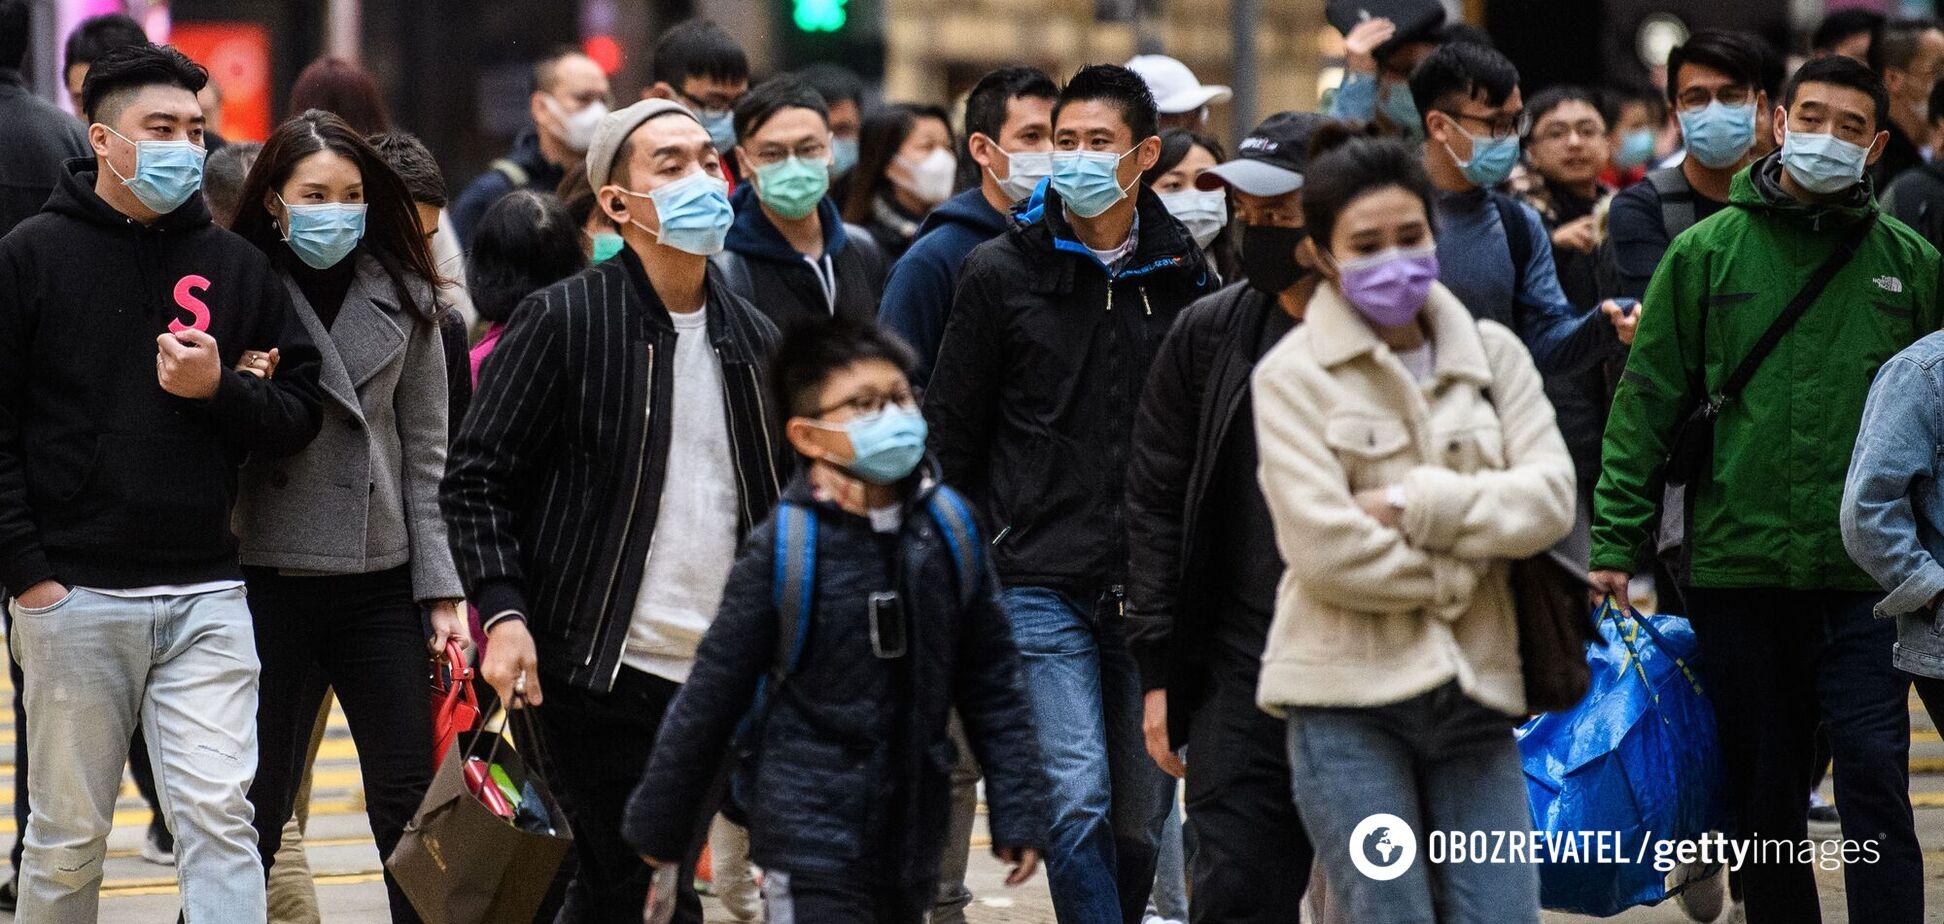 Ученый нашел новое подтверждение, что коронавирус циркулировал в Ухане до декабря 2019 года